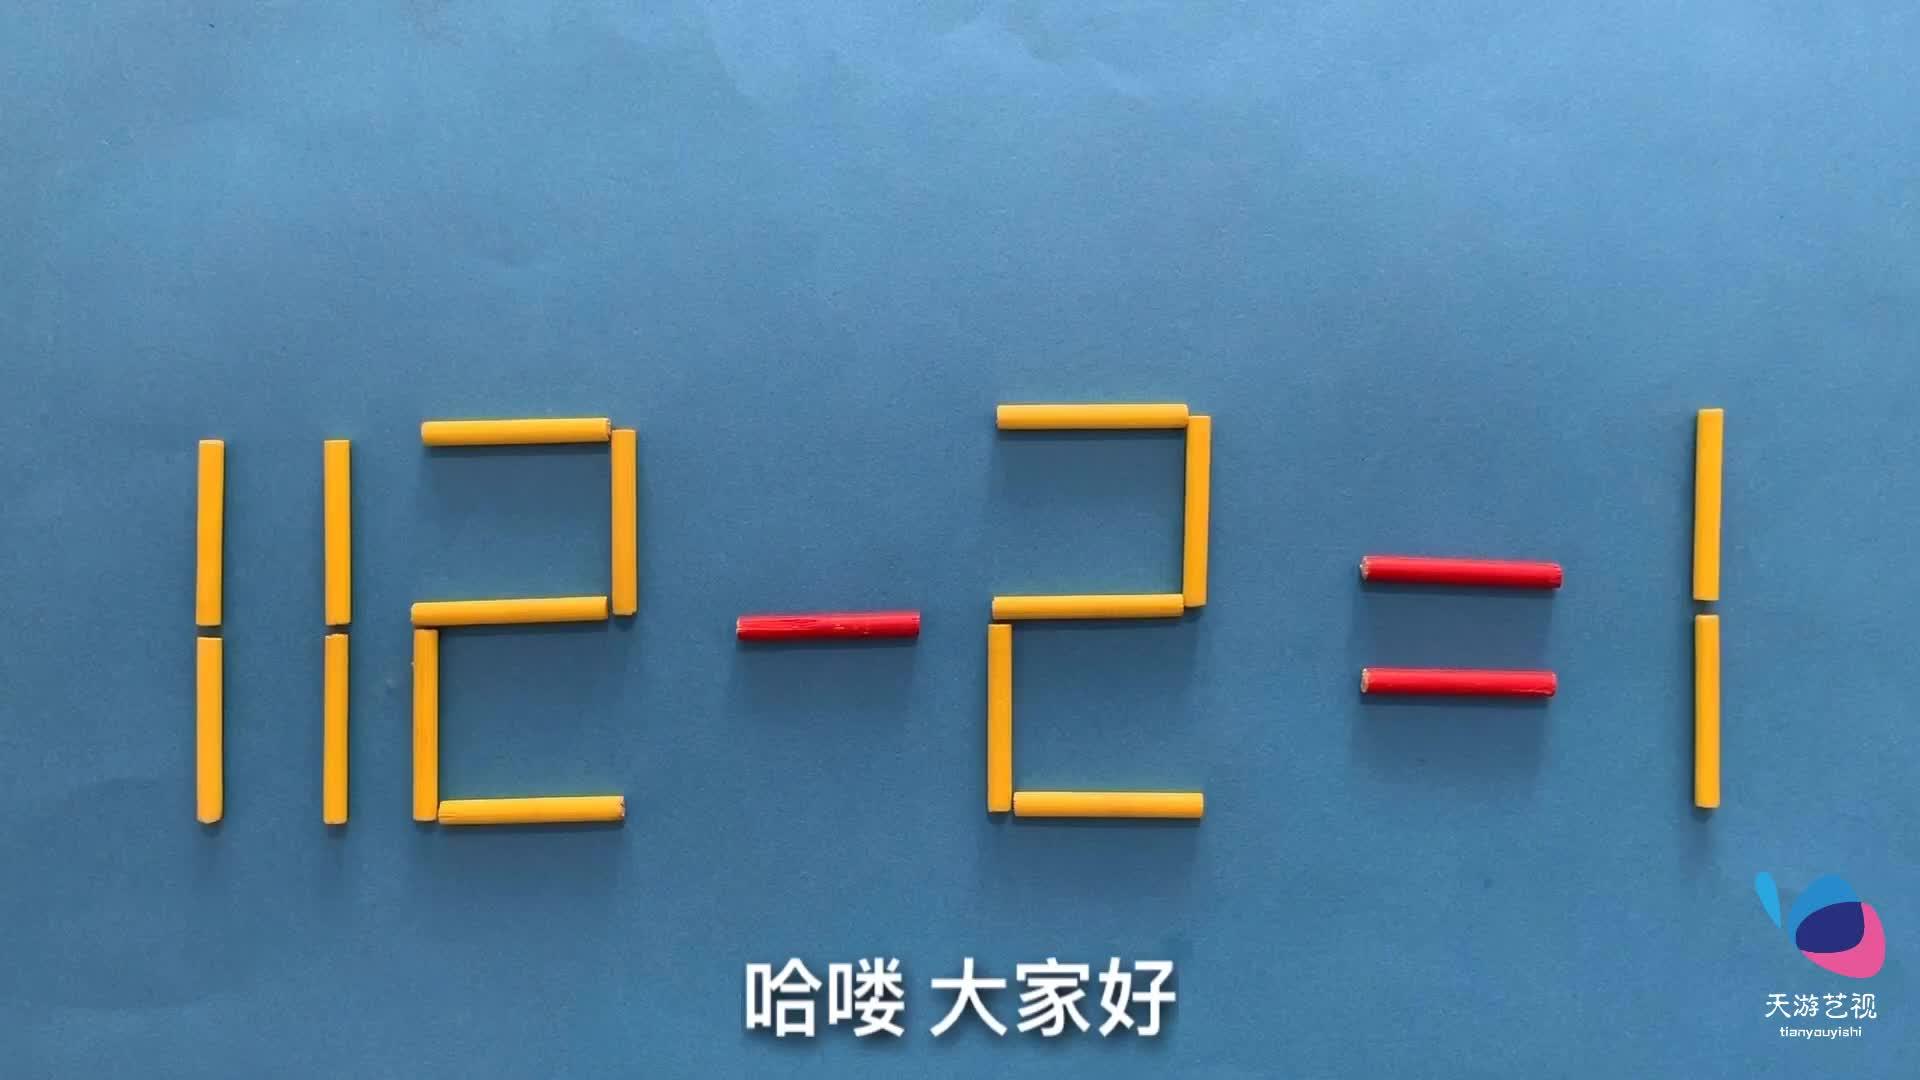 考考你的逆向思维,奥数题112-2=1怎能成立?挖掘你的潜能来思考